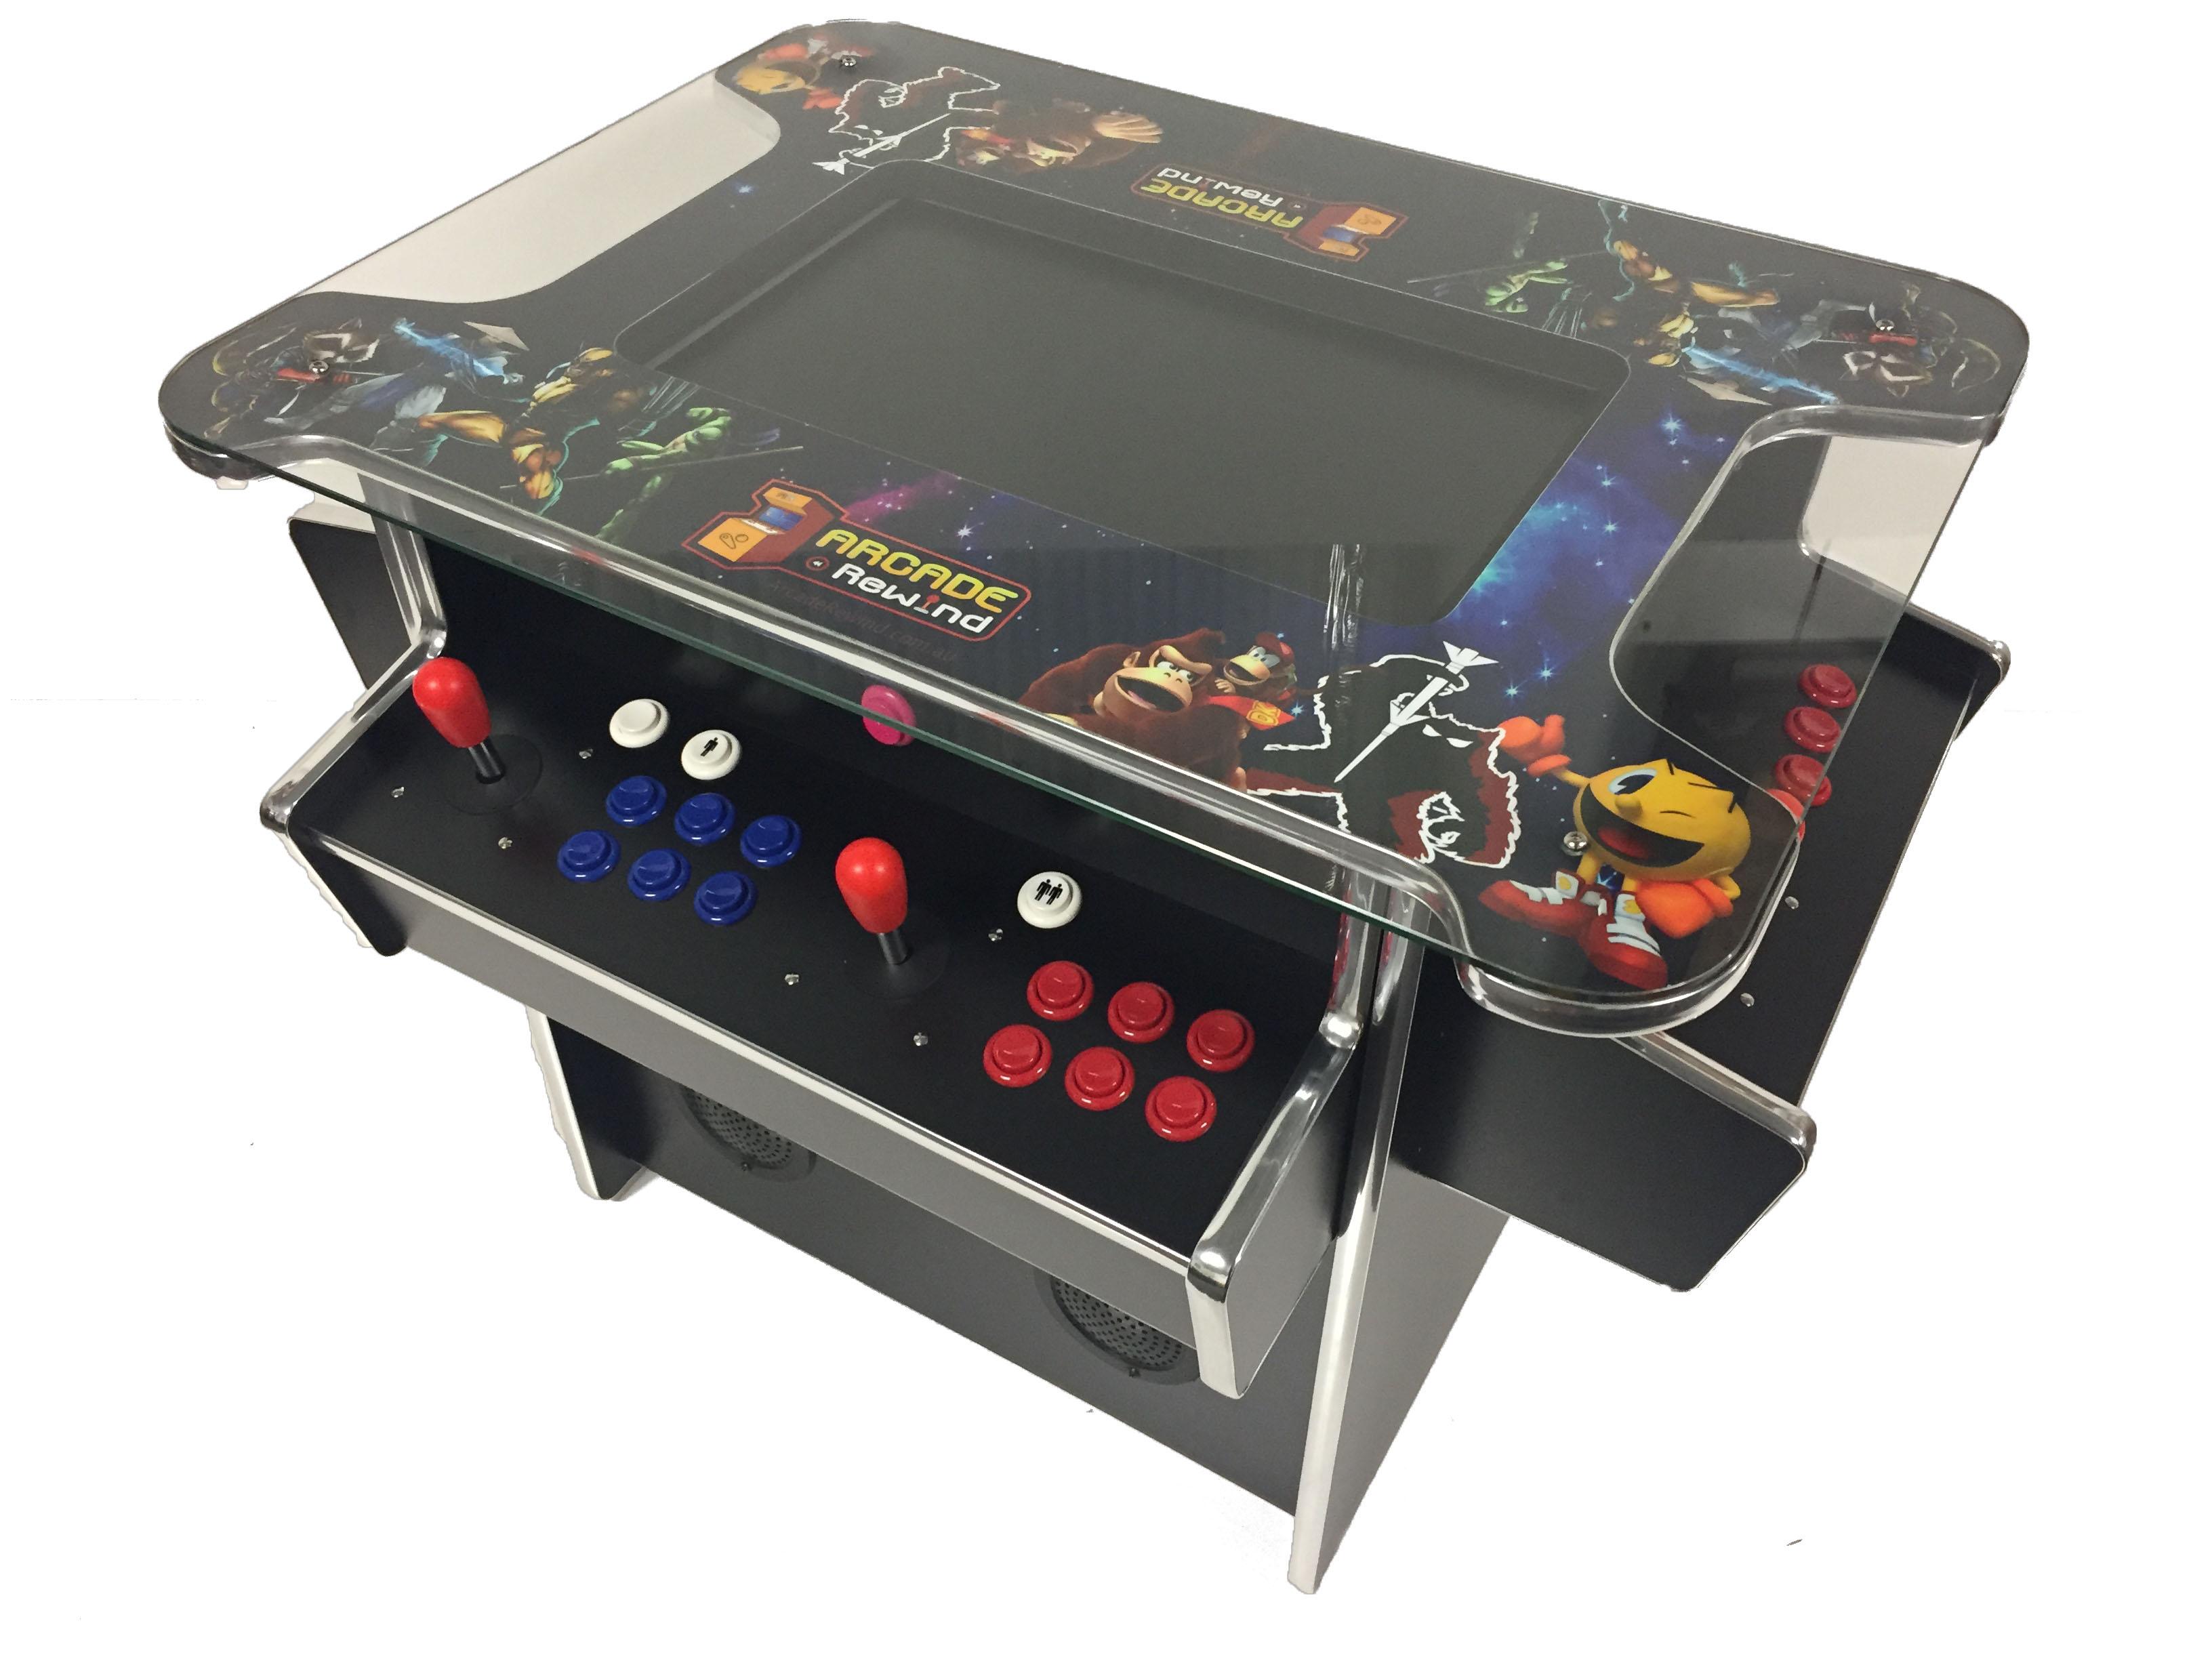 Arcade Rewind 2475 in 1 Cocktail Arcade Machine for sale